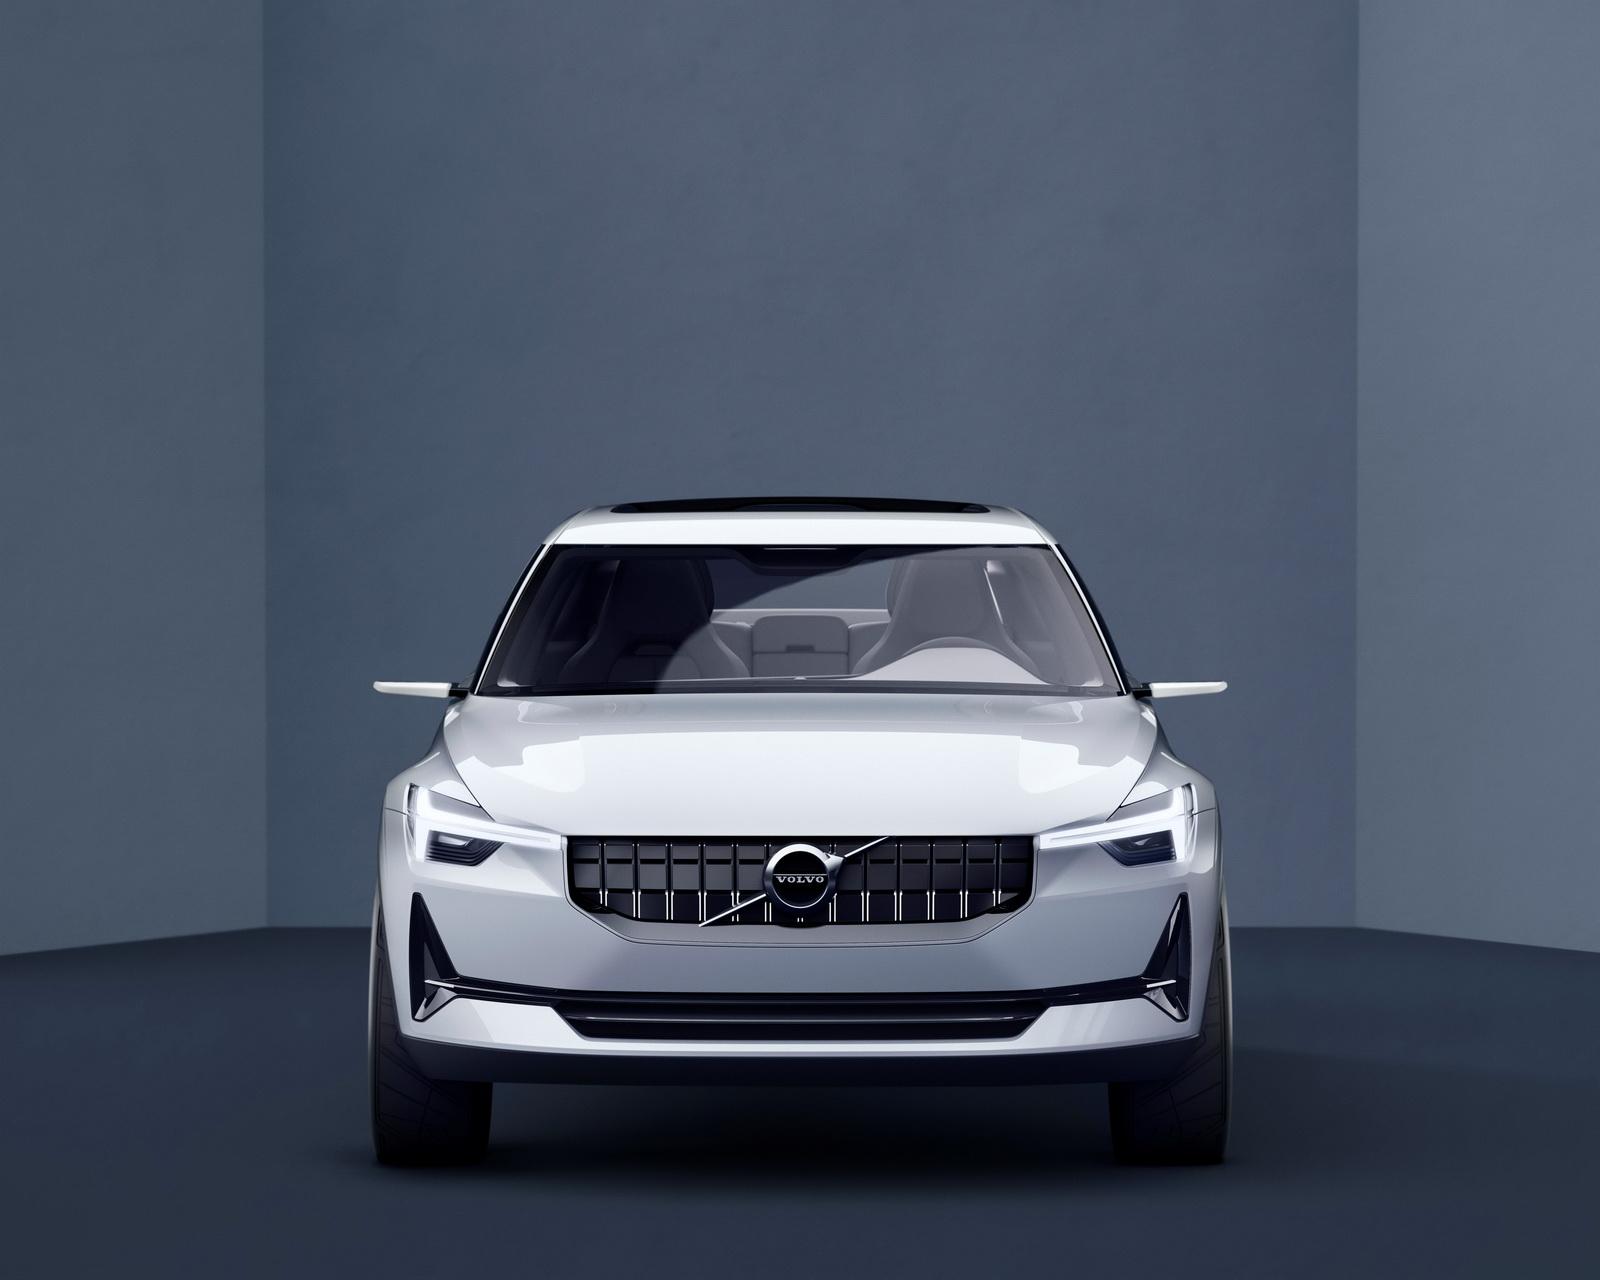 اولین خودروی تمام الکتریکی ولوو در 2019 وارد بازار میشود